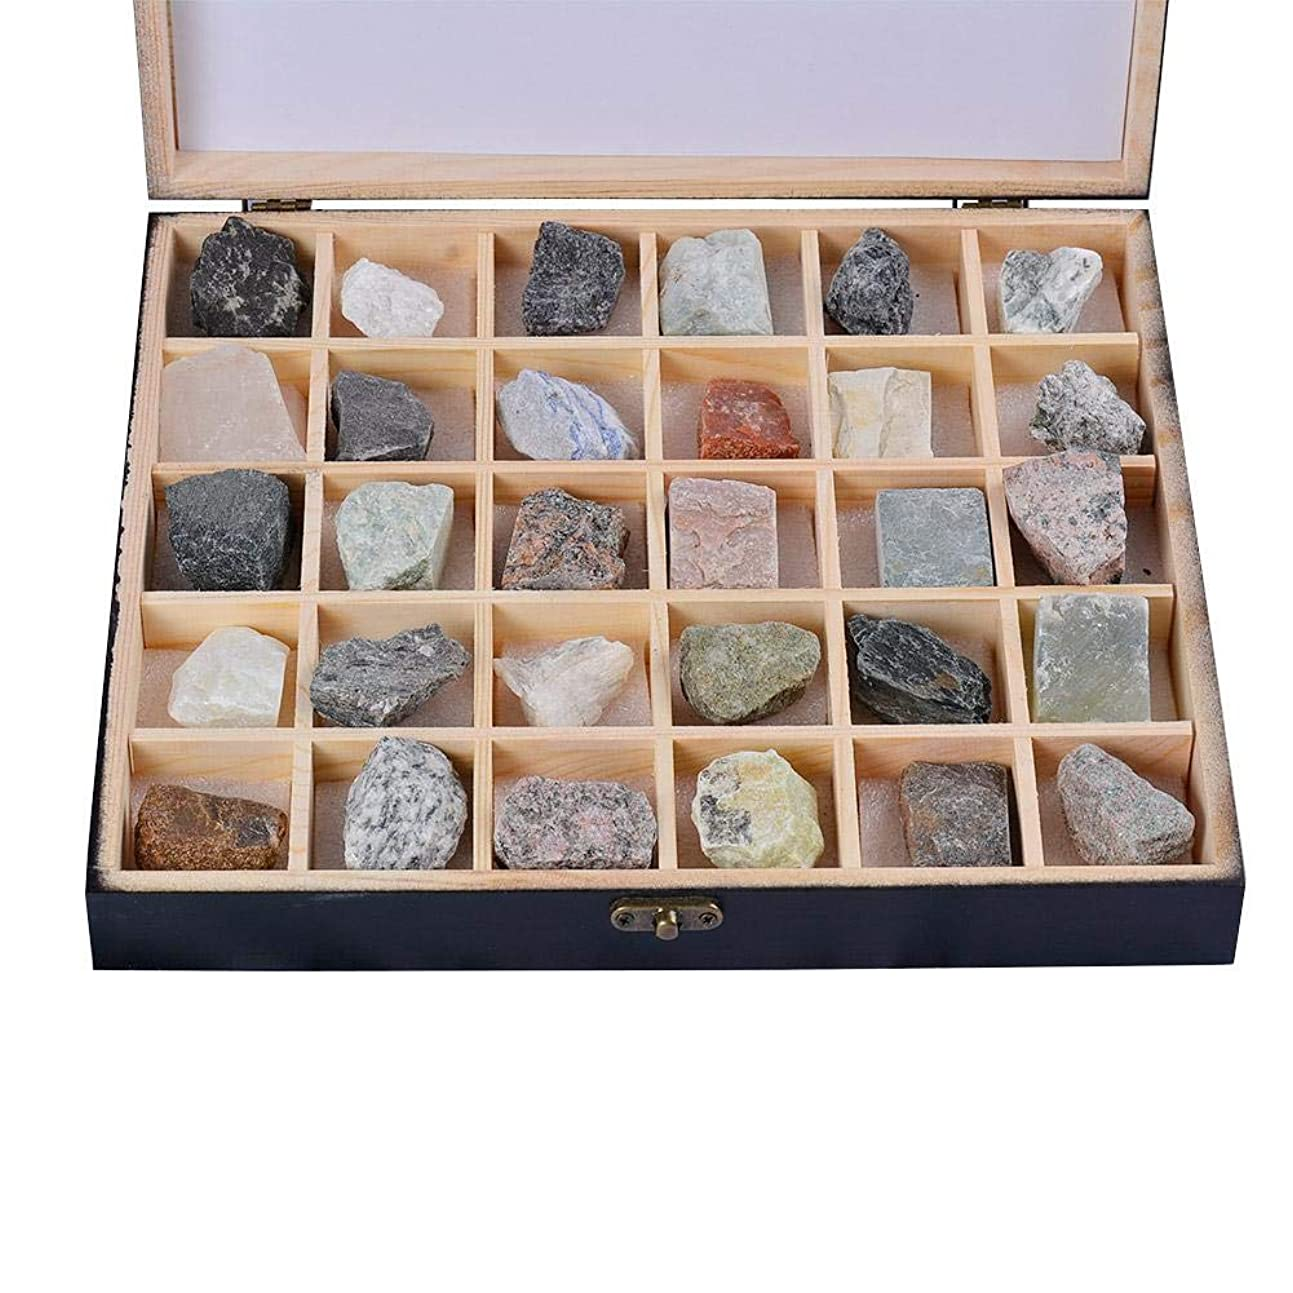 望みマイクロ放射能Classicbuy 地質学 教授ツール 岩石 鉱物 科学おもちゃ 30PCS岩石標本(堆積岩/変成岩/火成岩)地質学教育助剤鉱石結晶